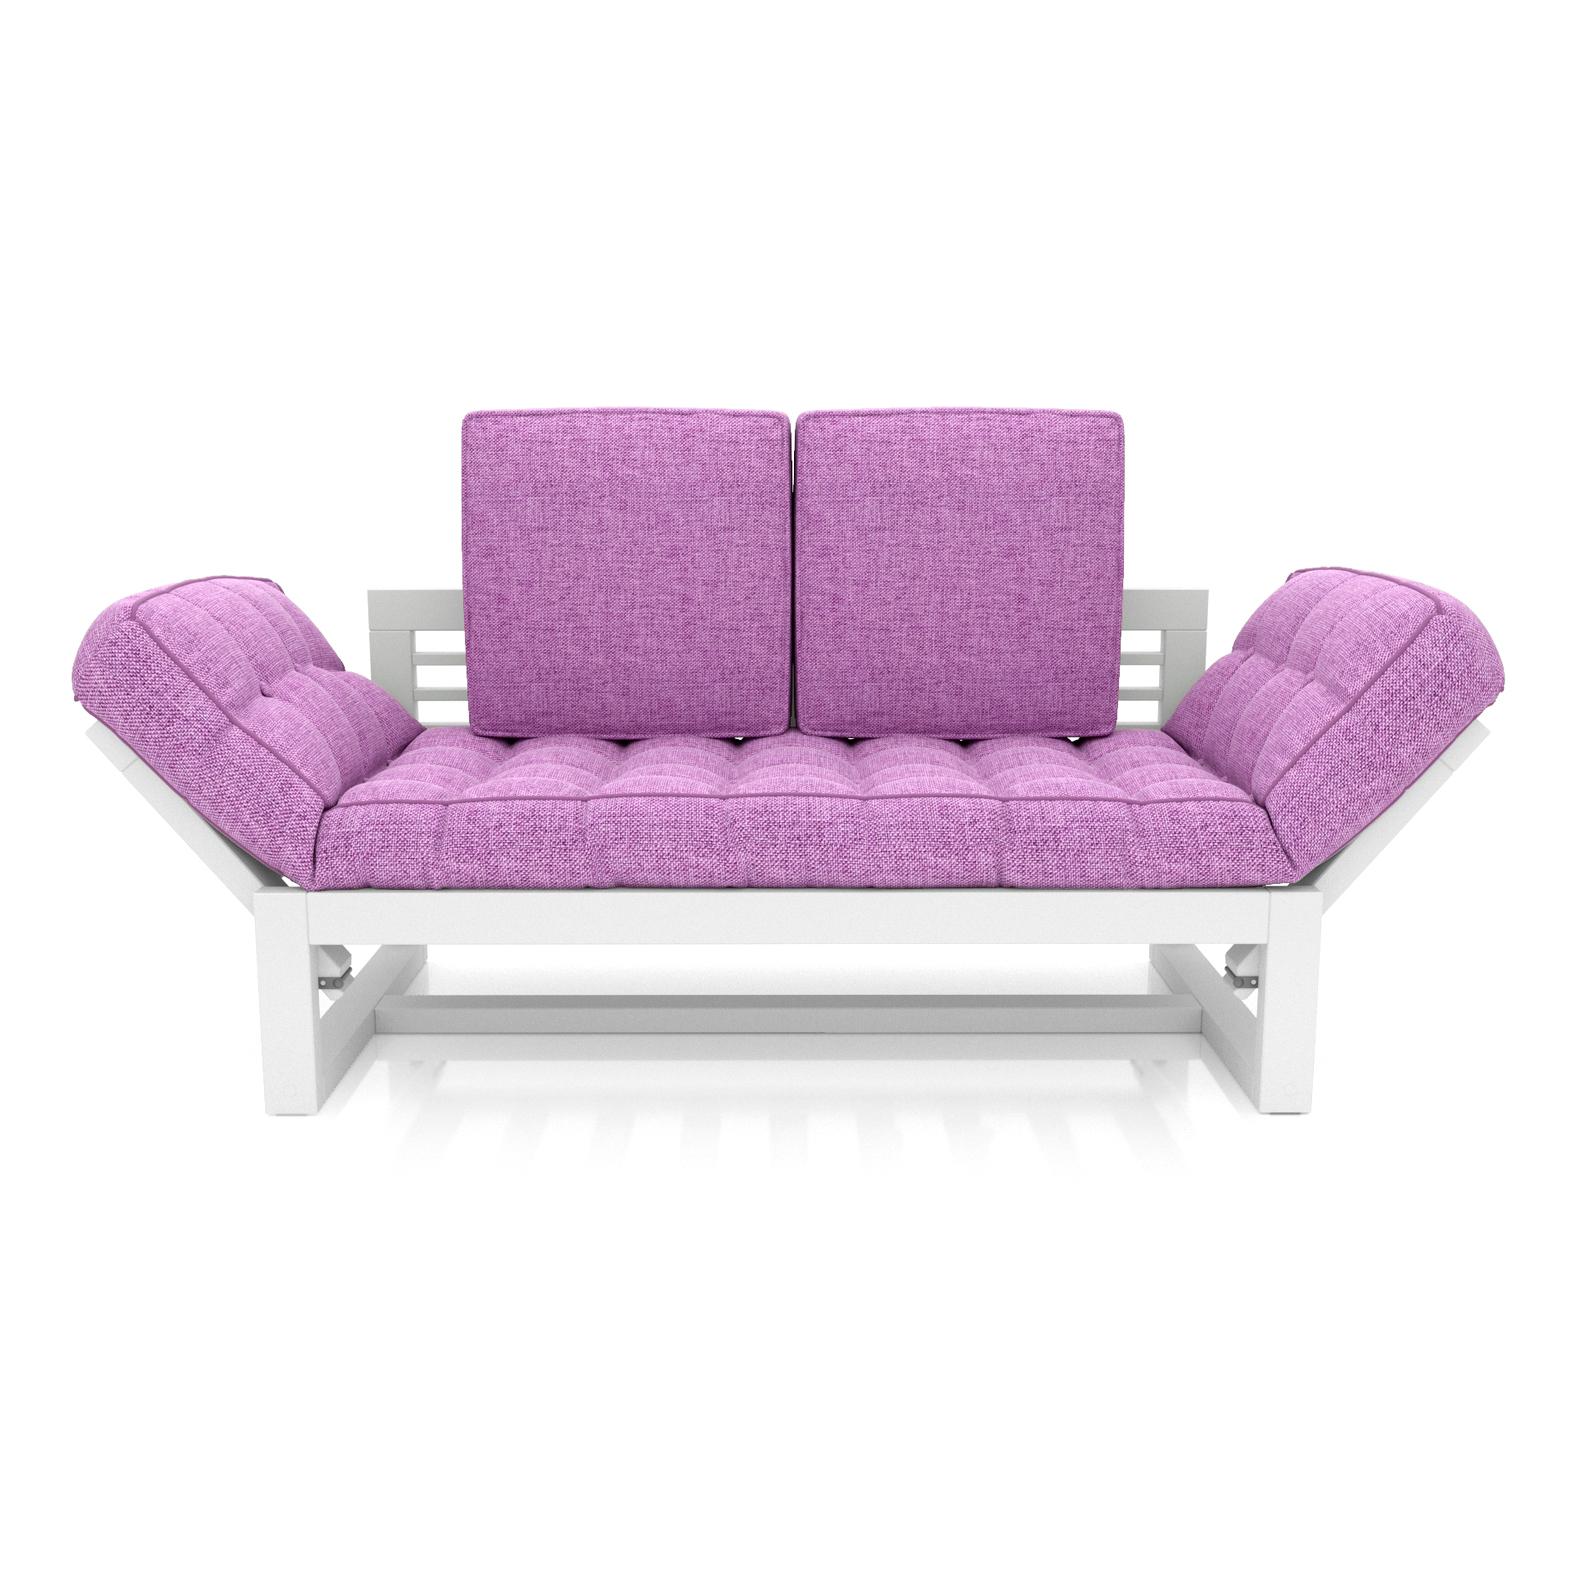 Кушетка AS Бекка 170x76x65 белый/фиолетовый фото